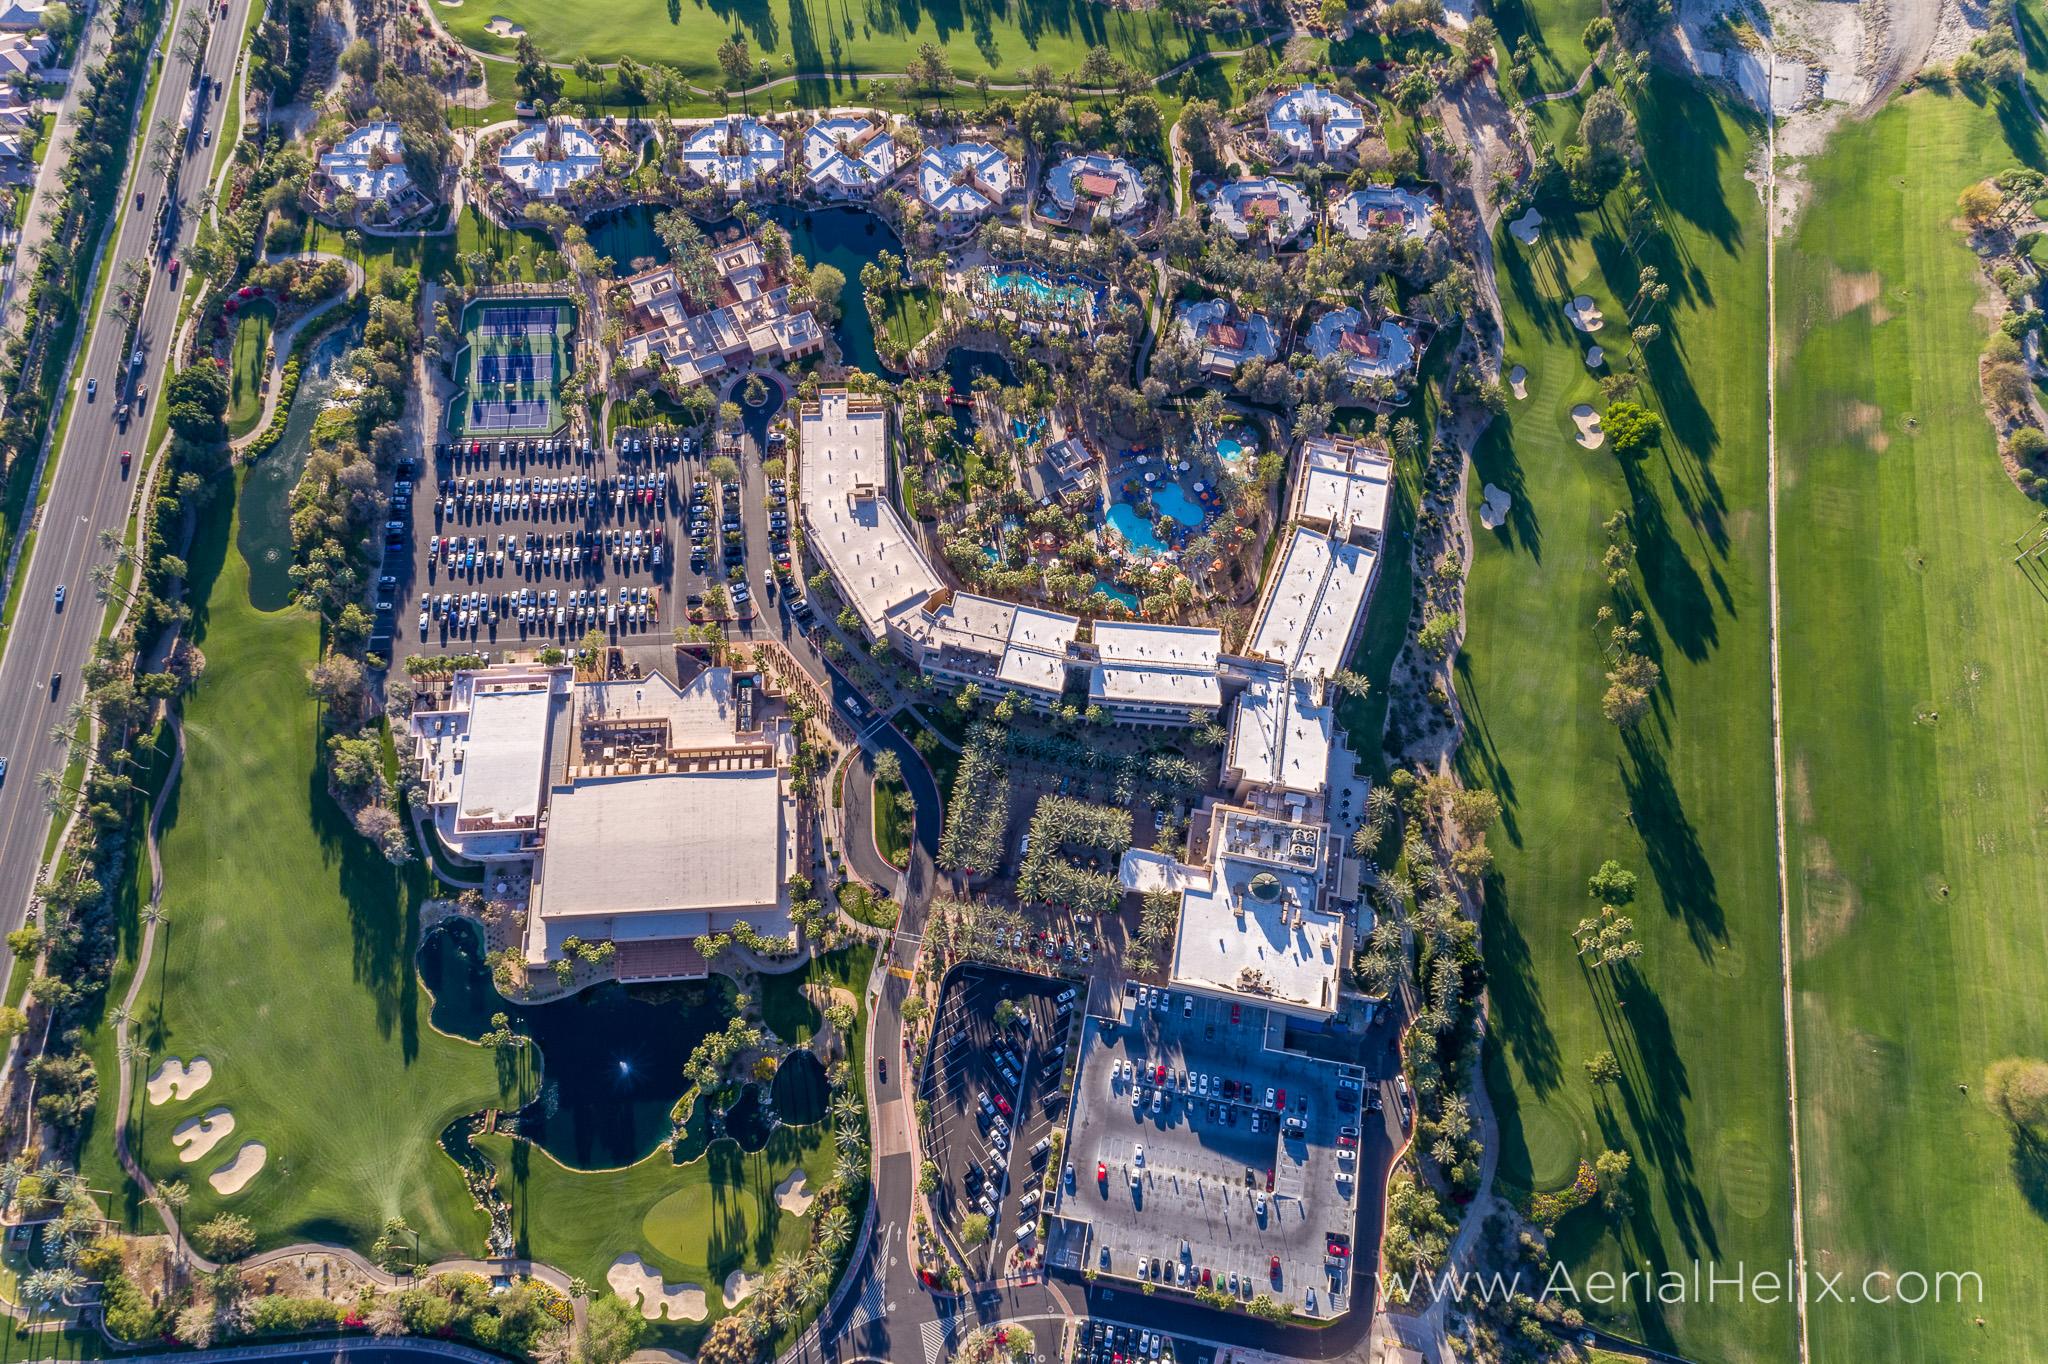 Hyatt Regency Indian Wells Aerial 1-27.jpg